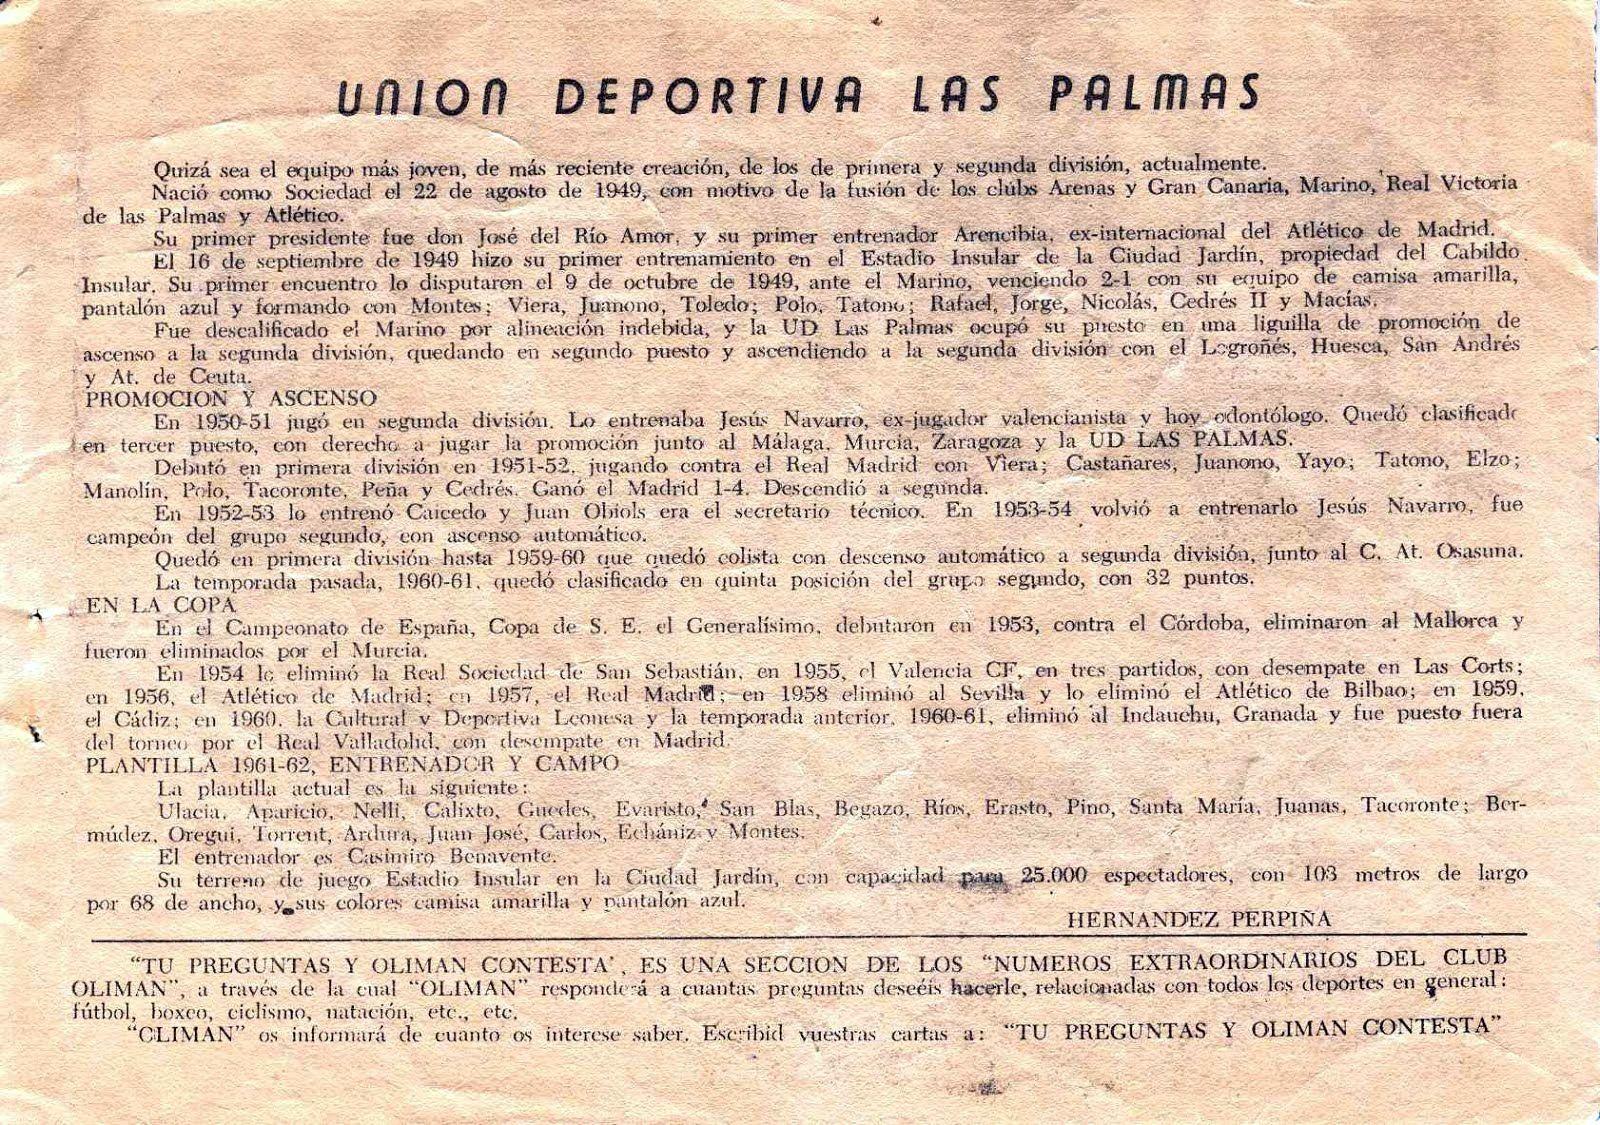 U. D. LAS PALMAS